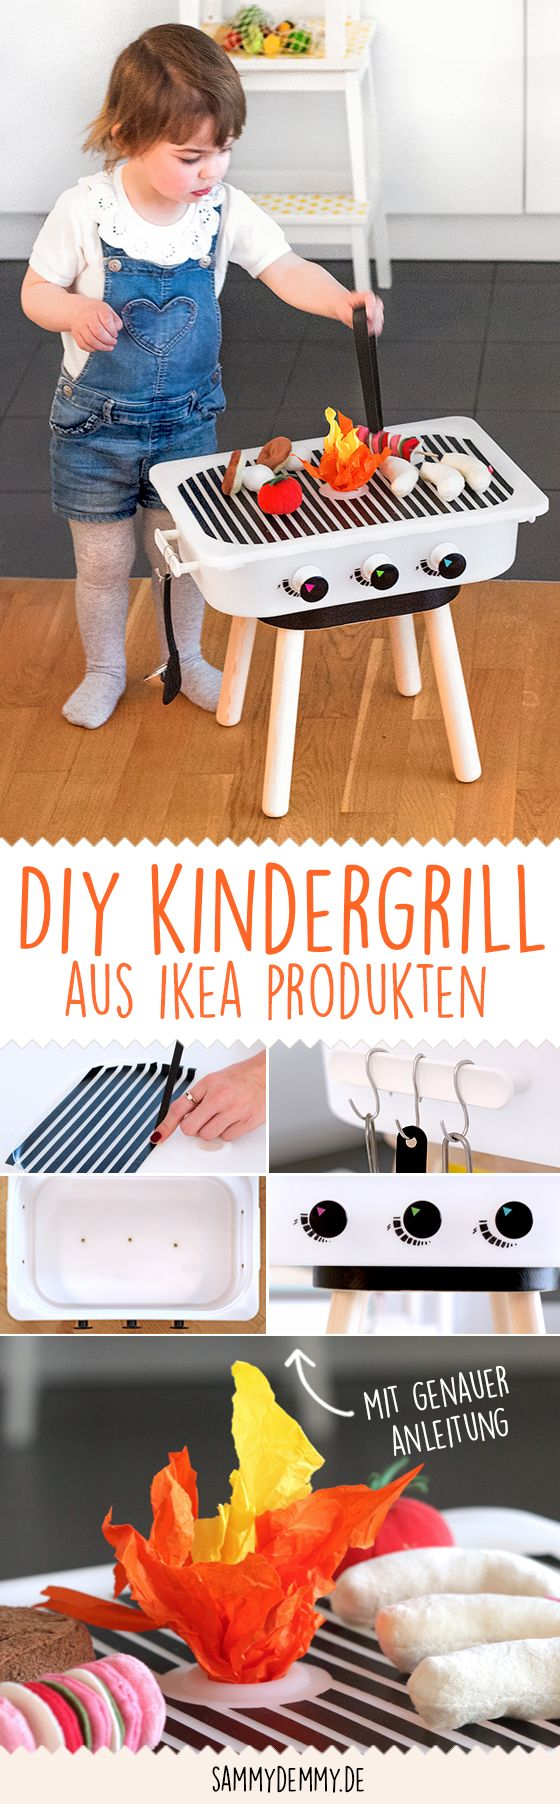 Spannung, Spiel und Sommerspaß bei IKEA Sindelfingen #ikeaideen